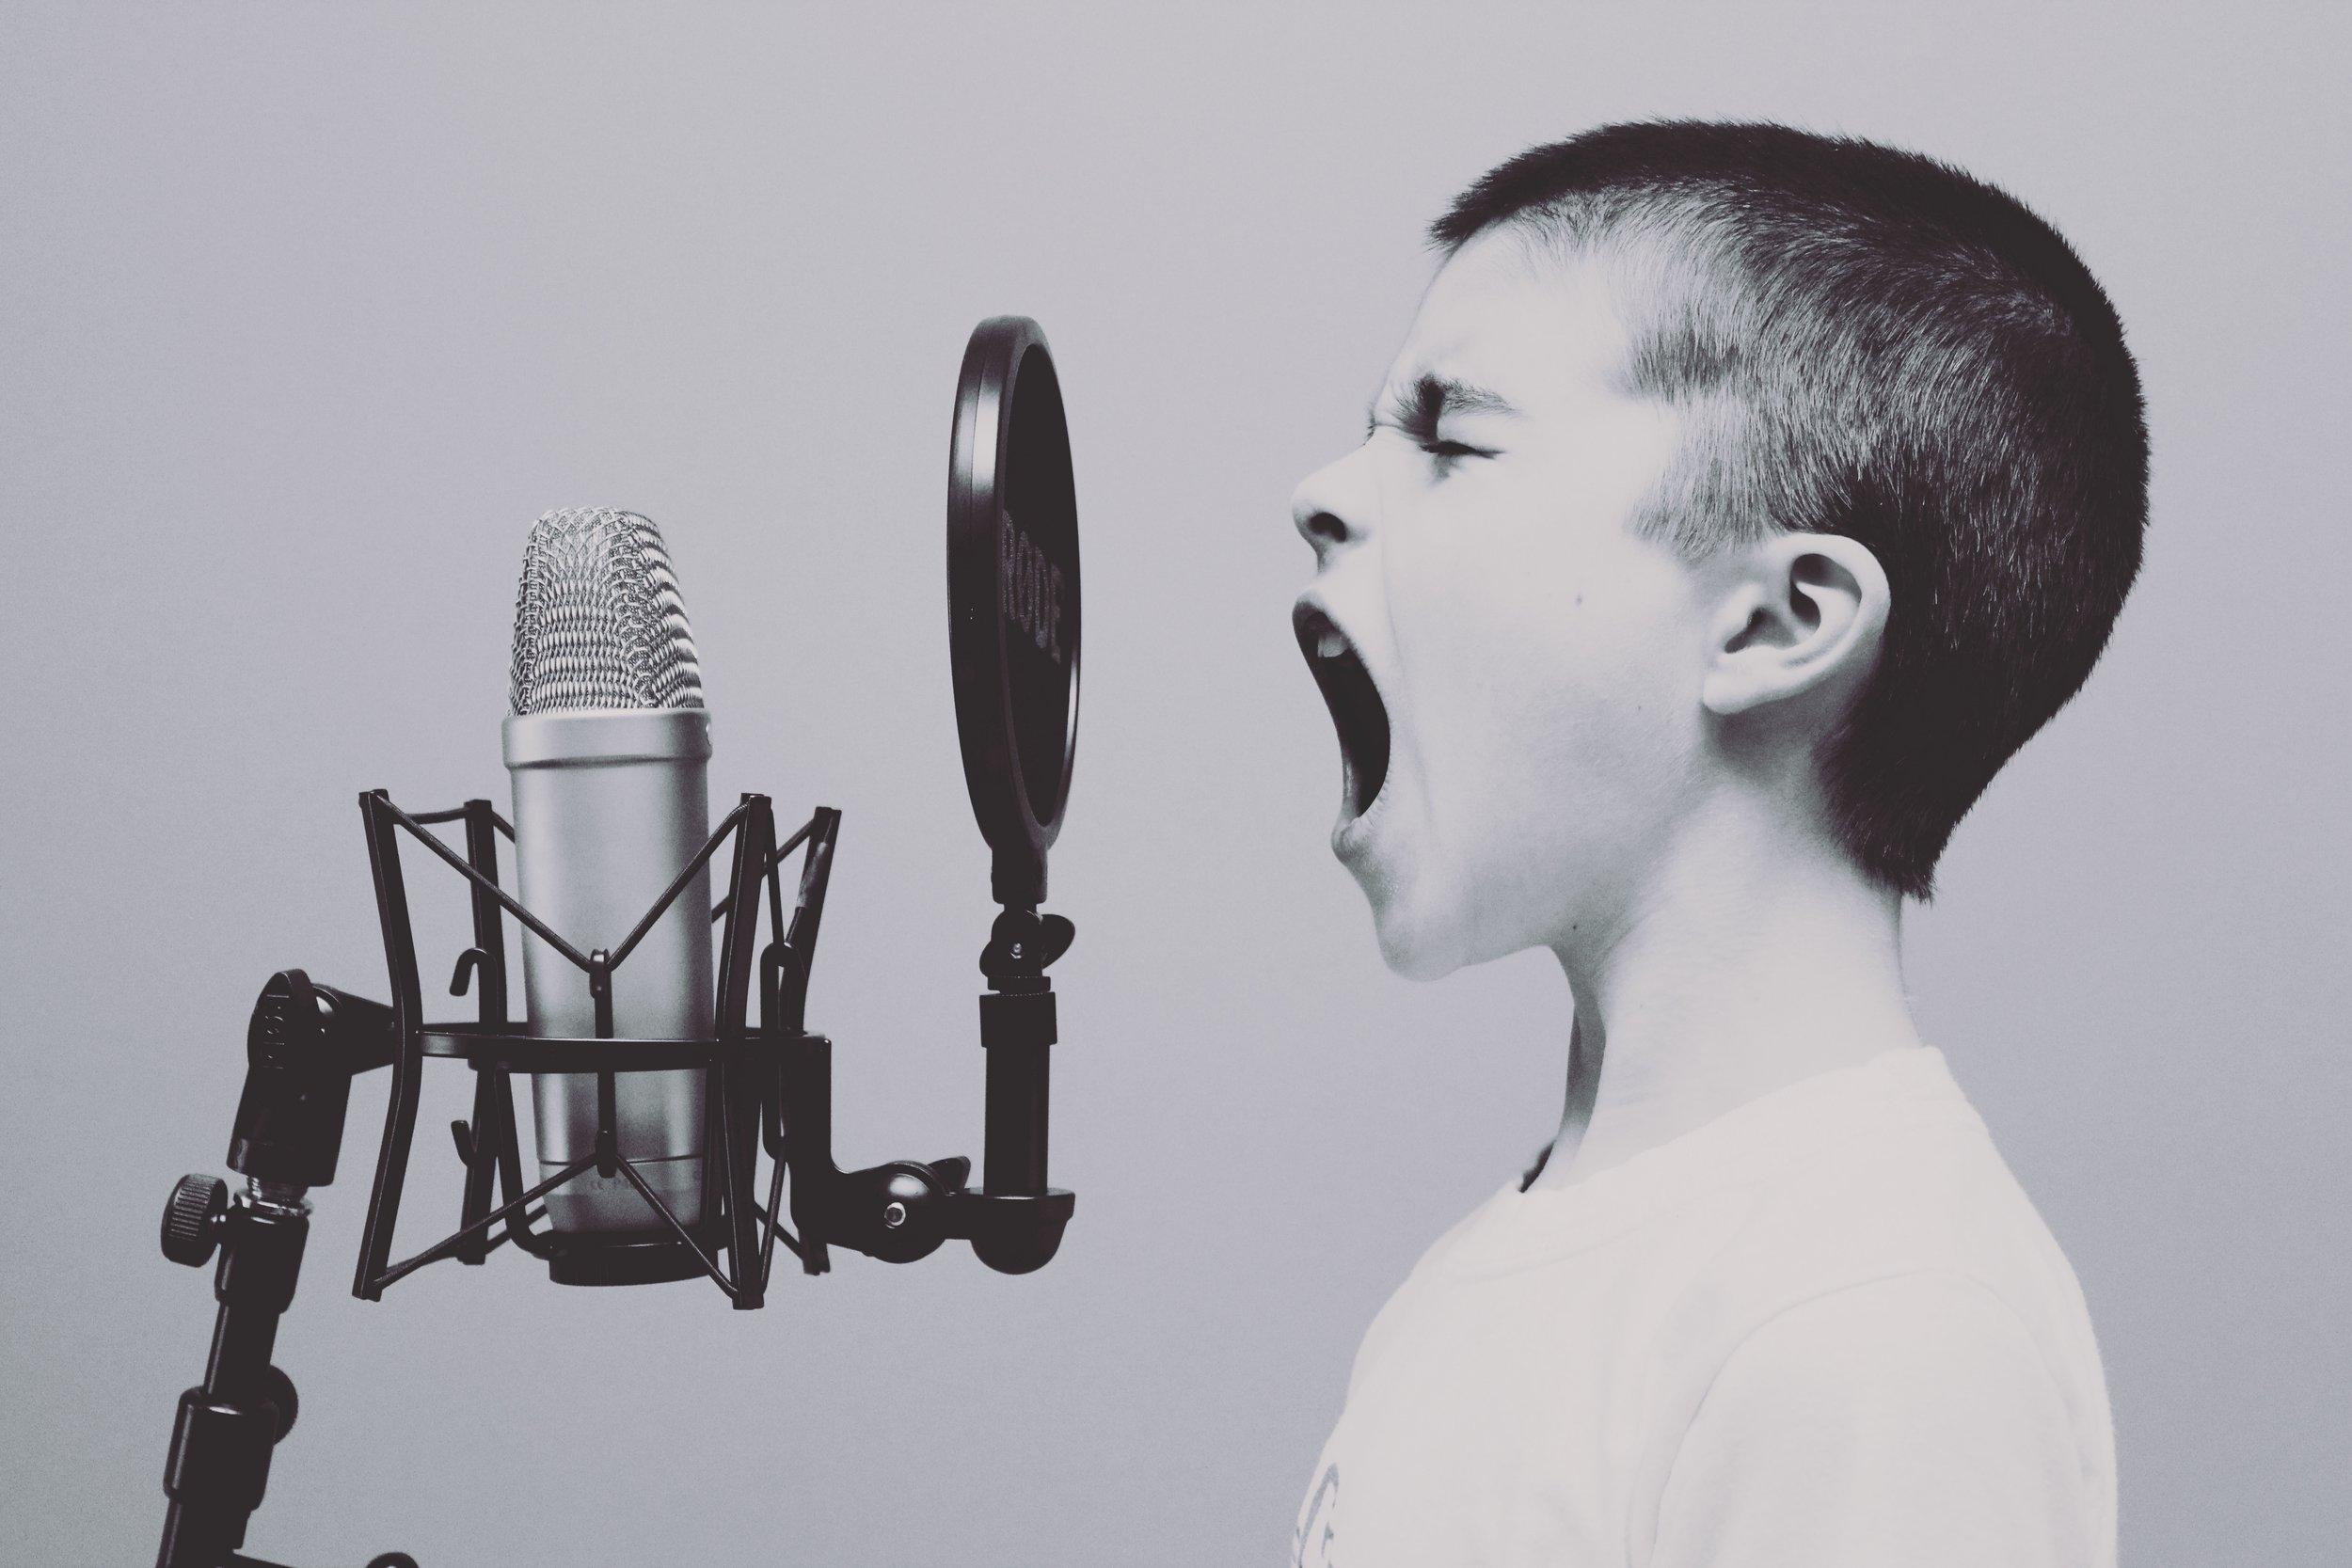 Confident speaker, no stutter